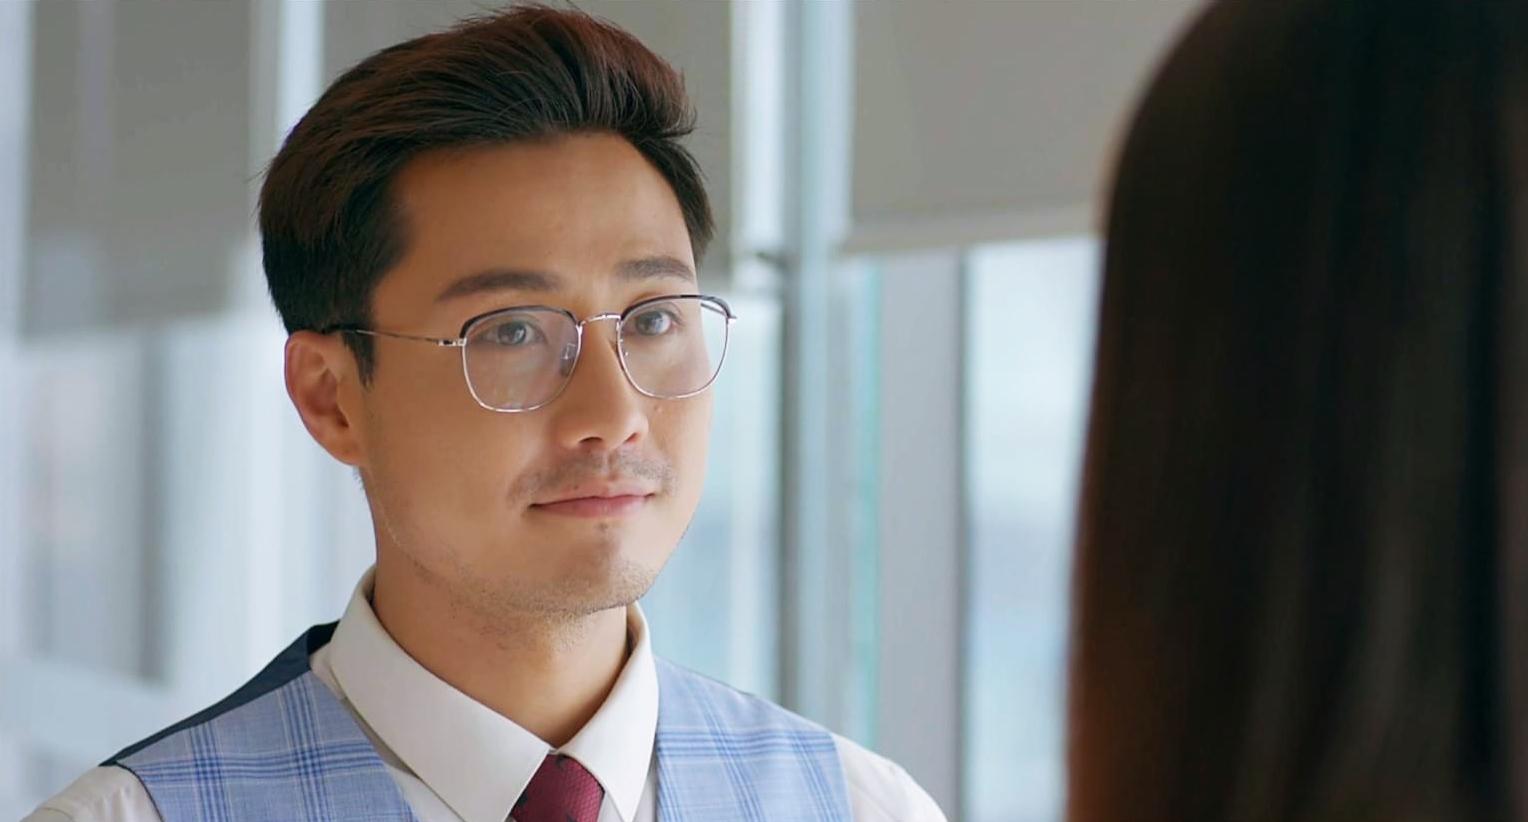 Dàn nam thần khiến hội chị em khao khát nhất màn ảnh Việt 2020: Có tổng tài, thầy giáo và cả... trai bao! - Ảnh 6.